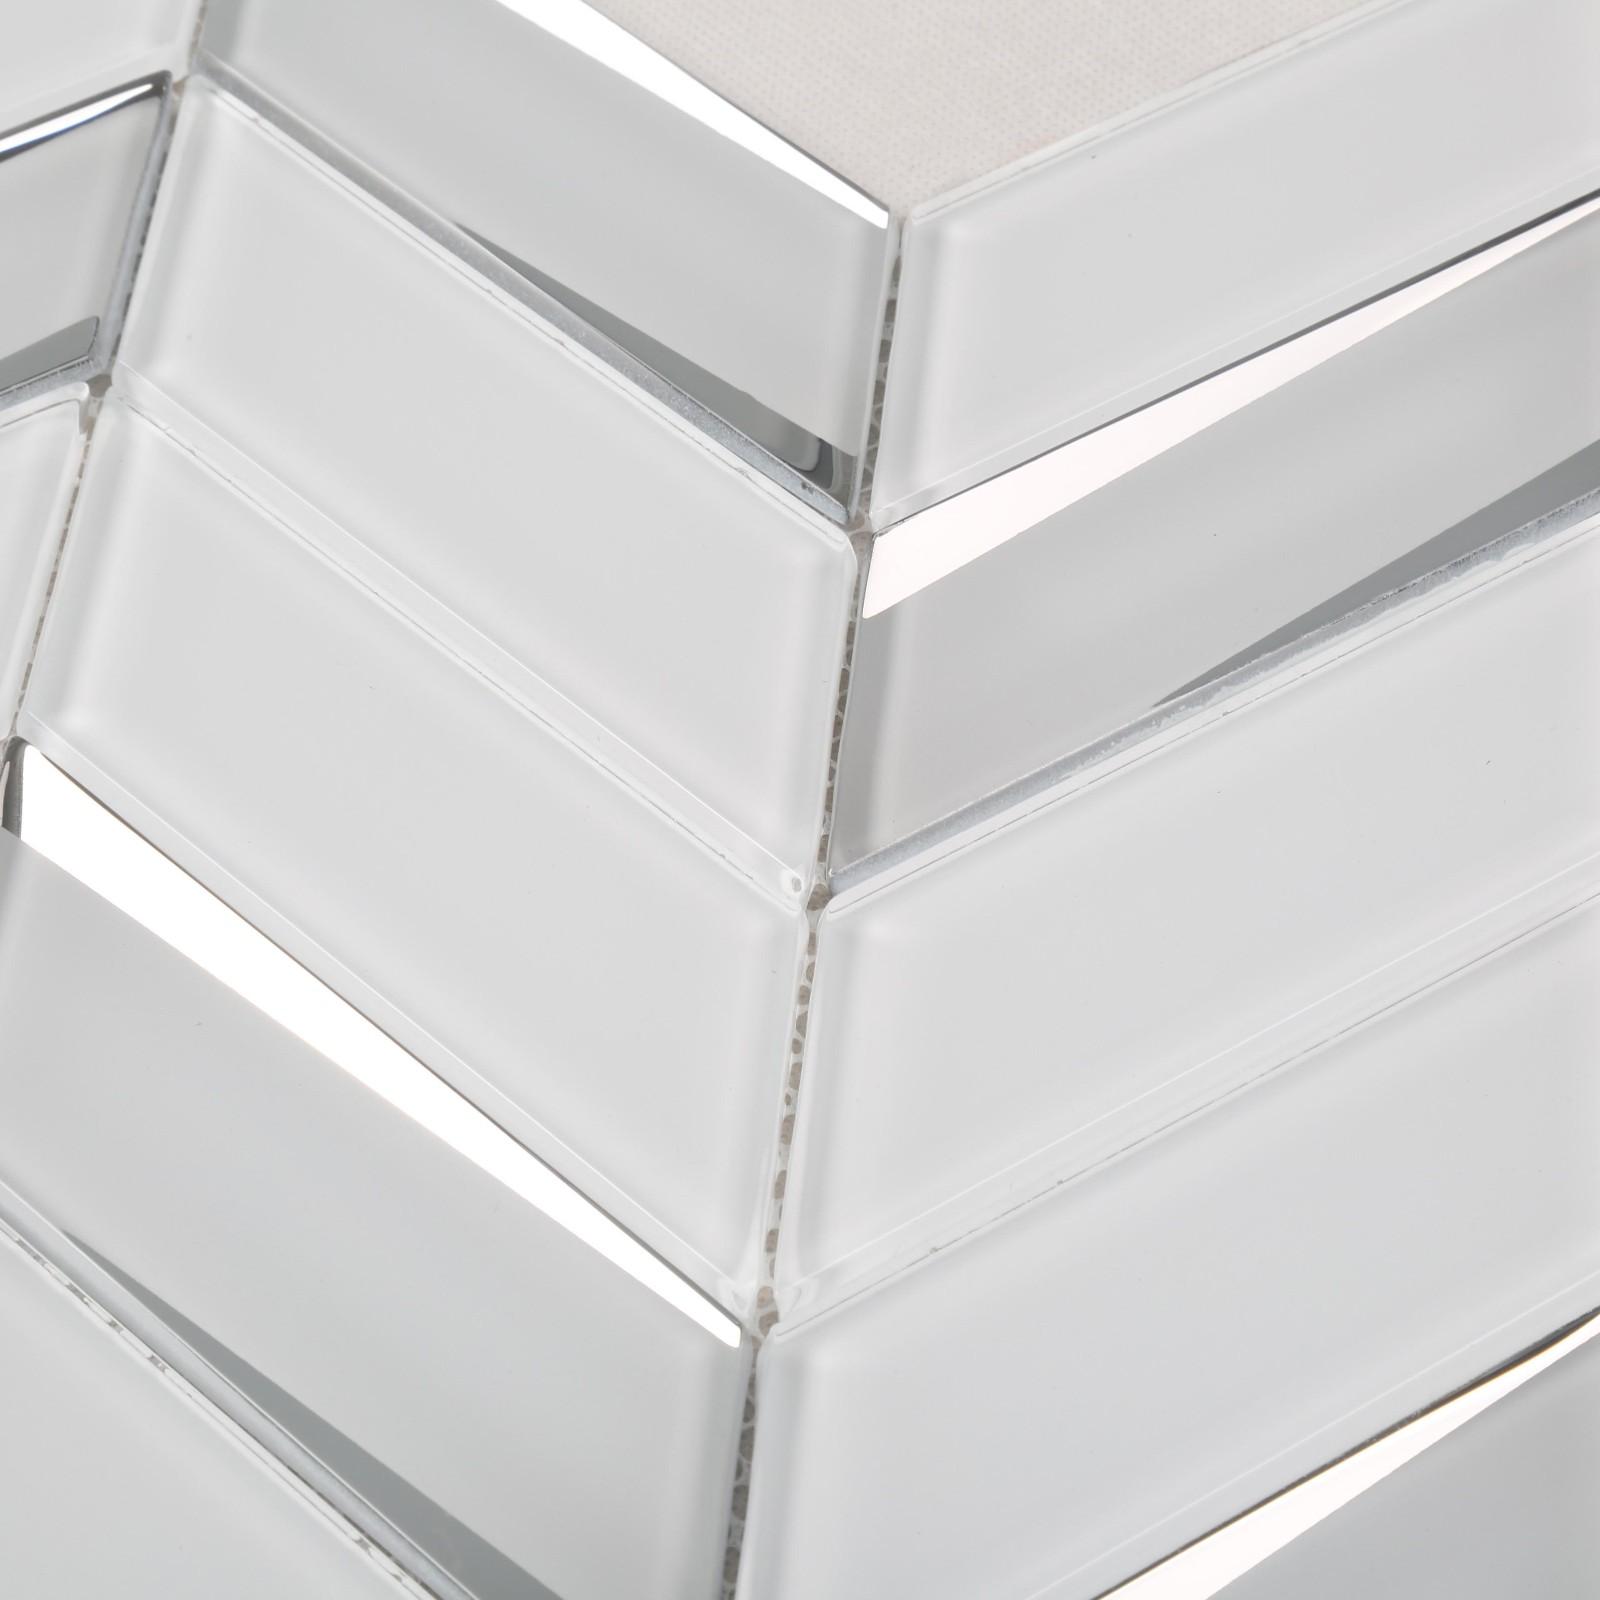 Heng Xing-Oem Inkjet Tile Manufacturer, Glass Metal Backsplash | Heng Xing-2